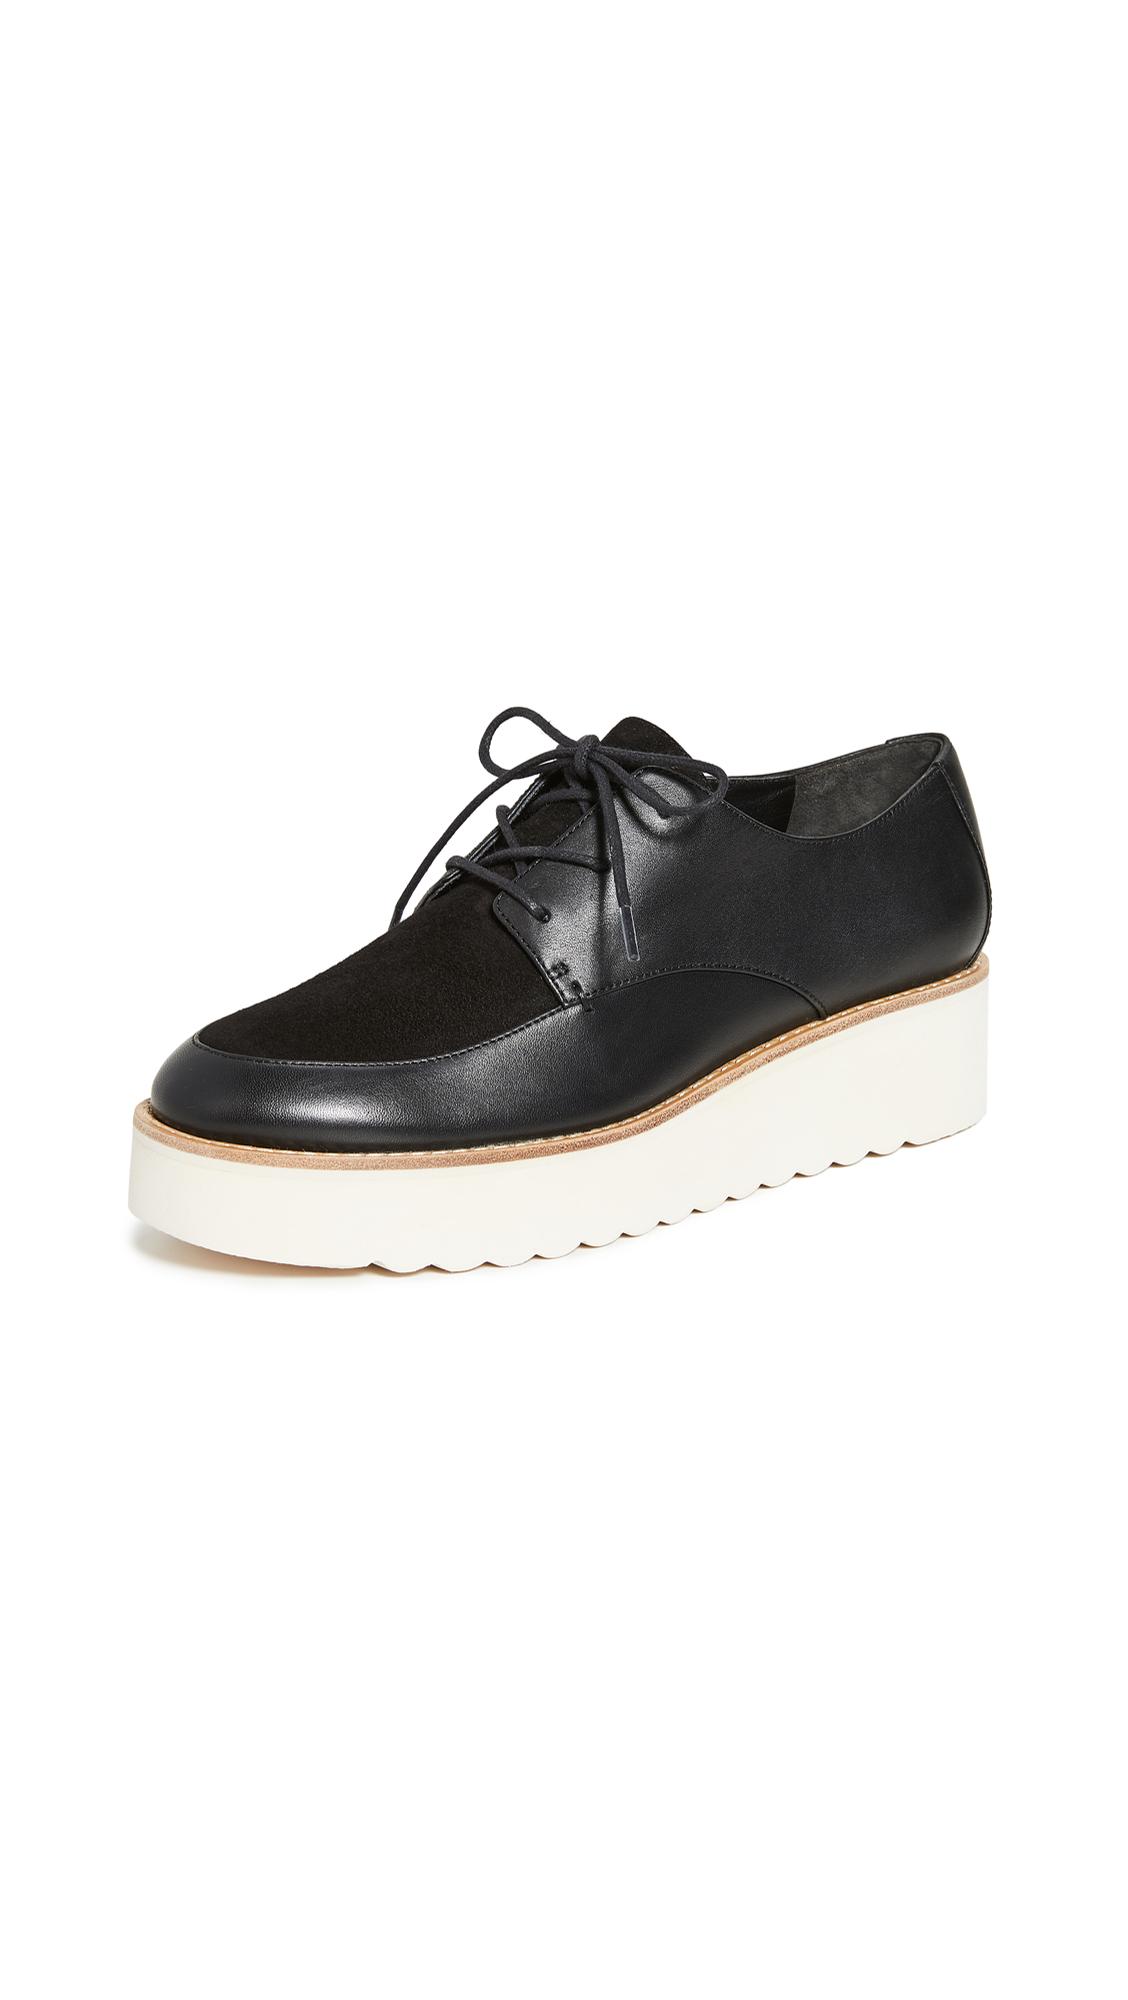 Vince Zina Lace Up Shoes – 50% Off Sale